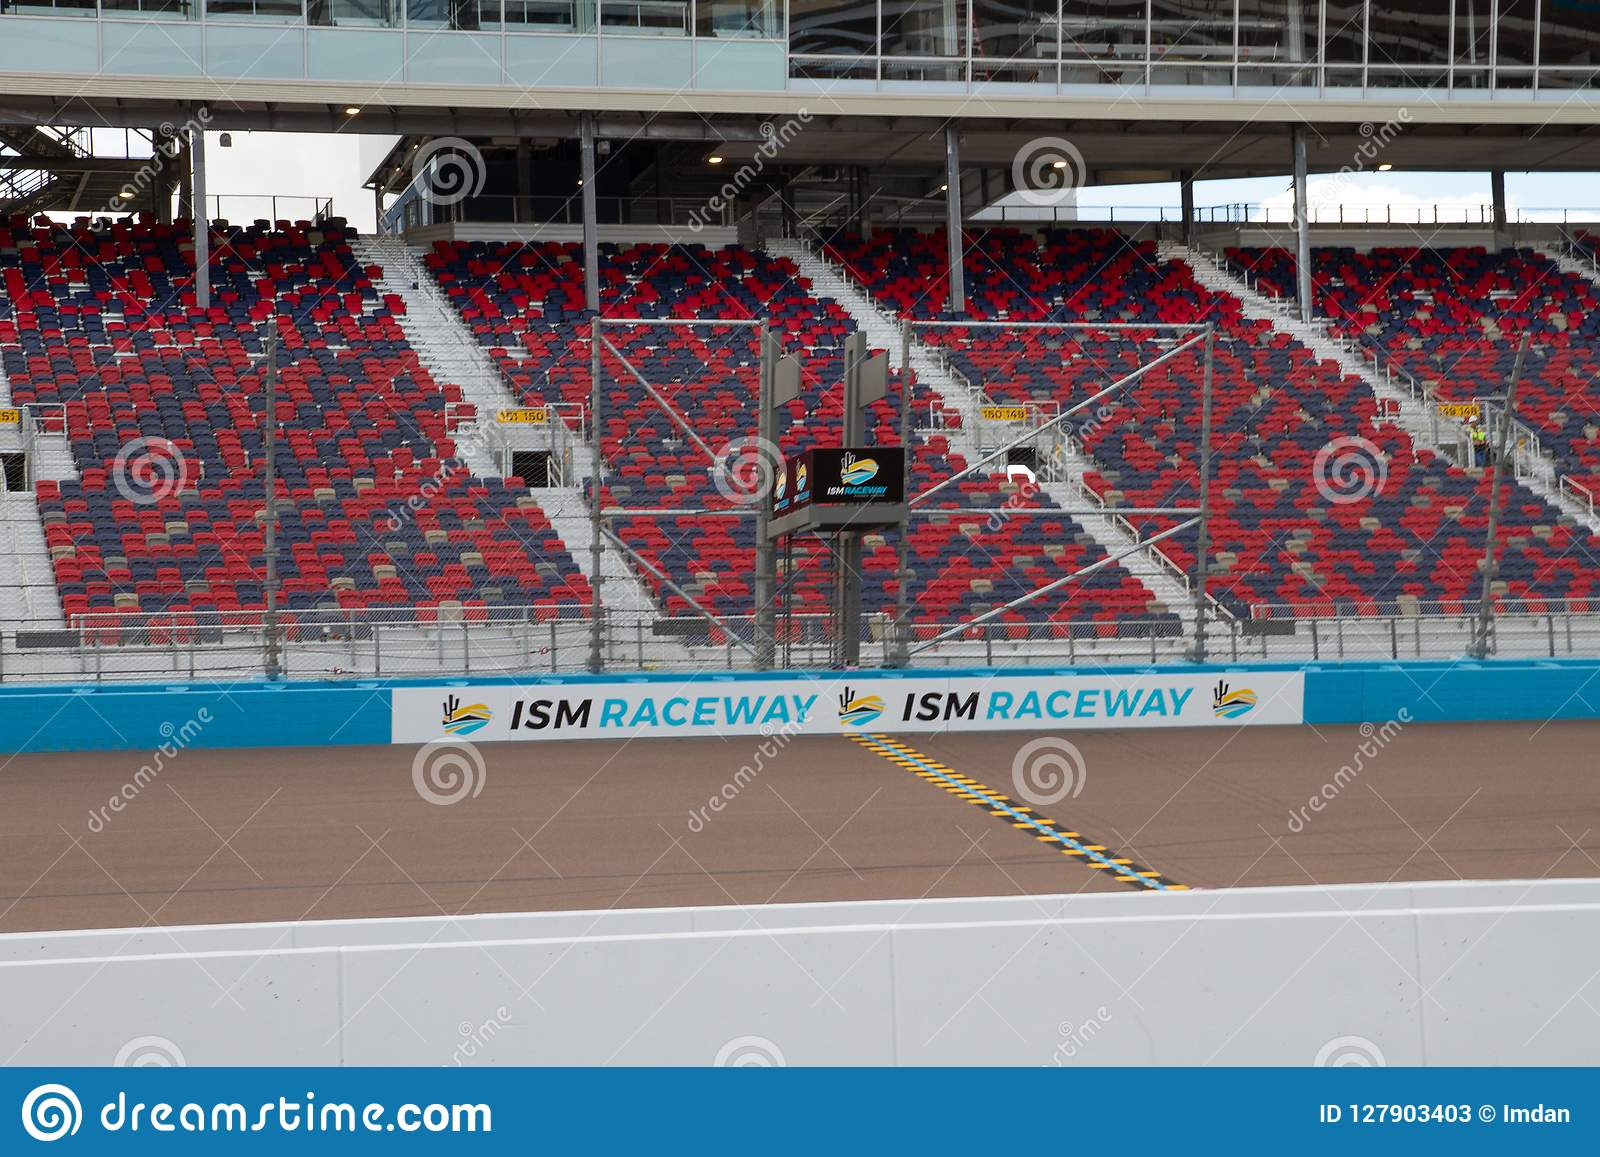 ISMkapplöpningsbana - Phoenix Nascar och IndyCar